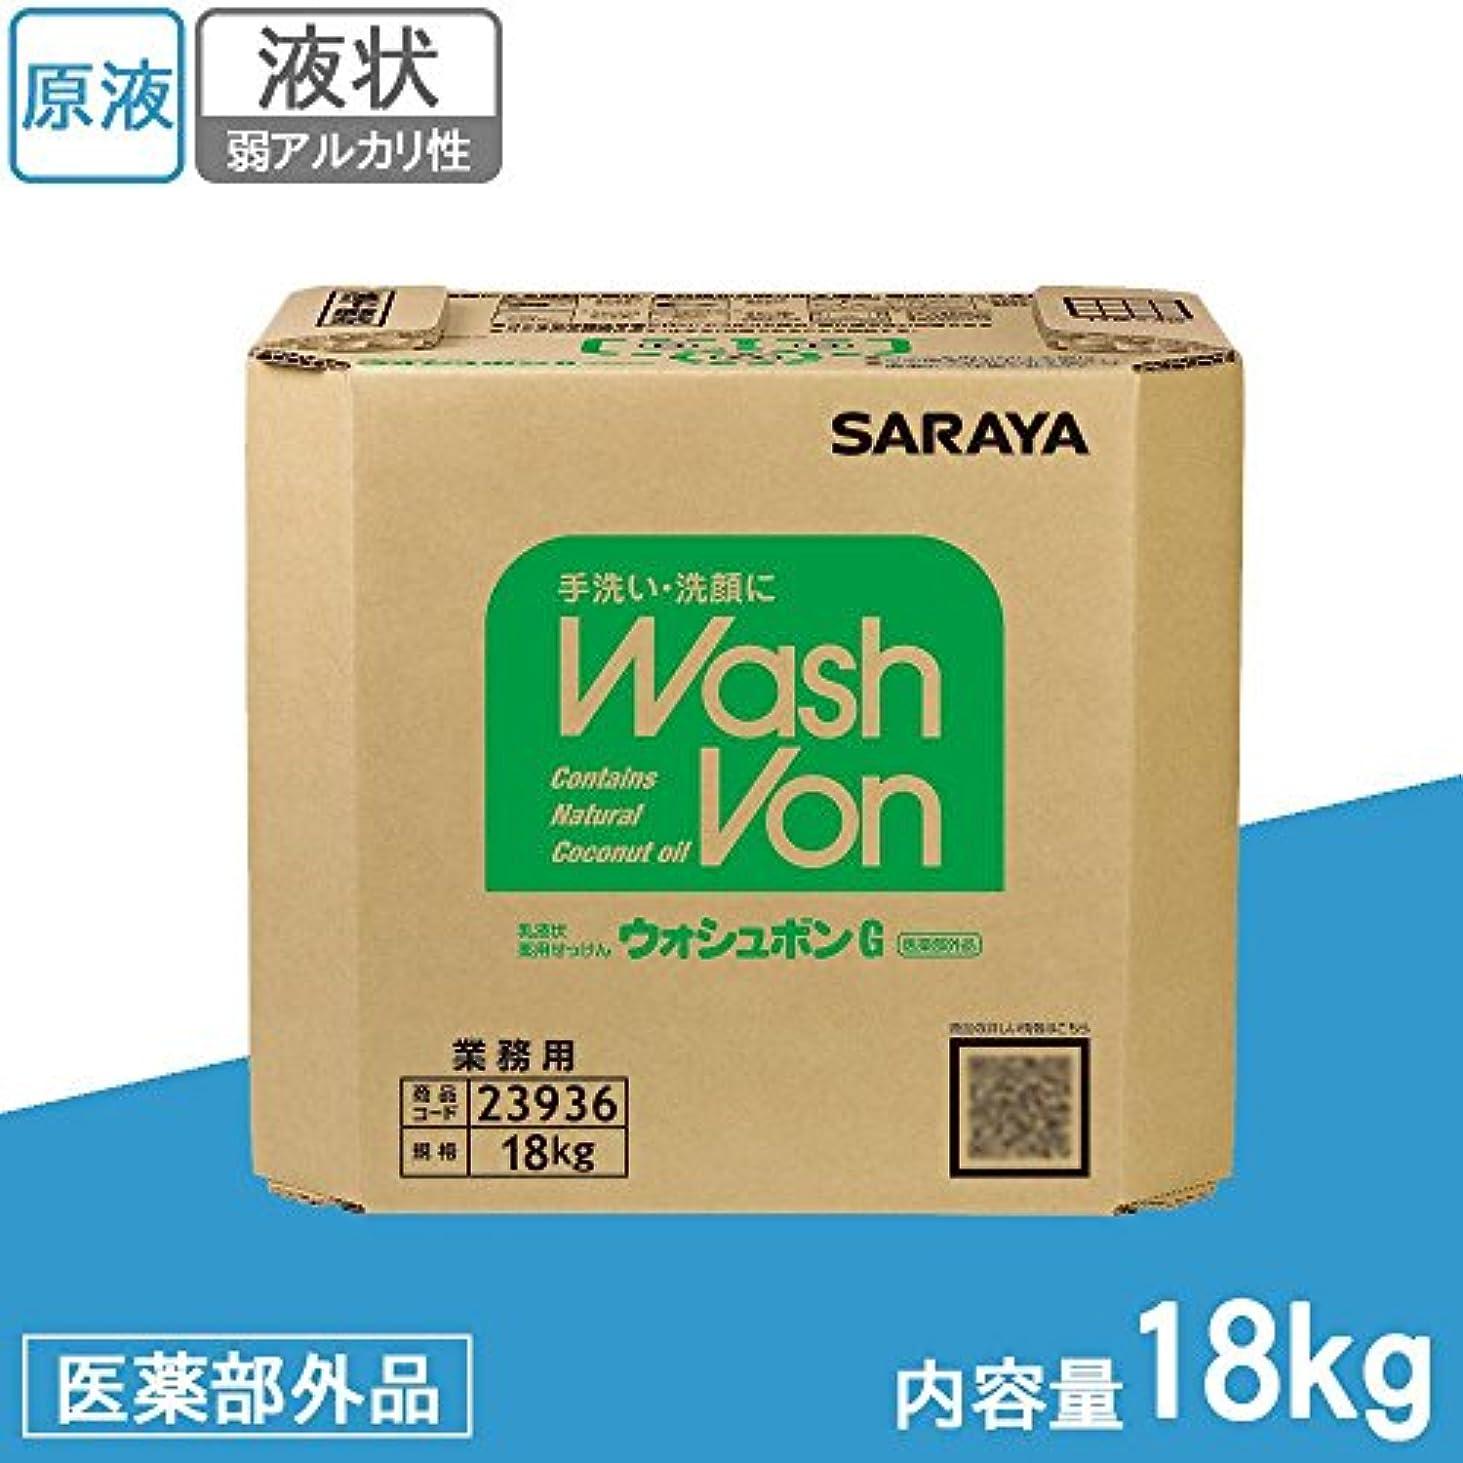 例走るボトルサラヤ 業務用 乳液状薬用せっけん ウォシュボンG 18kg BIB 23936 (医薬部外品)